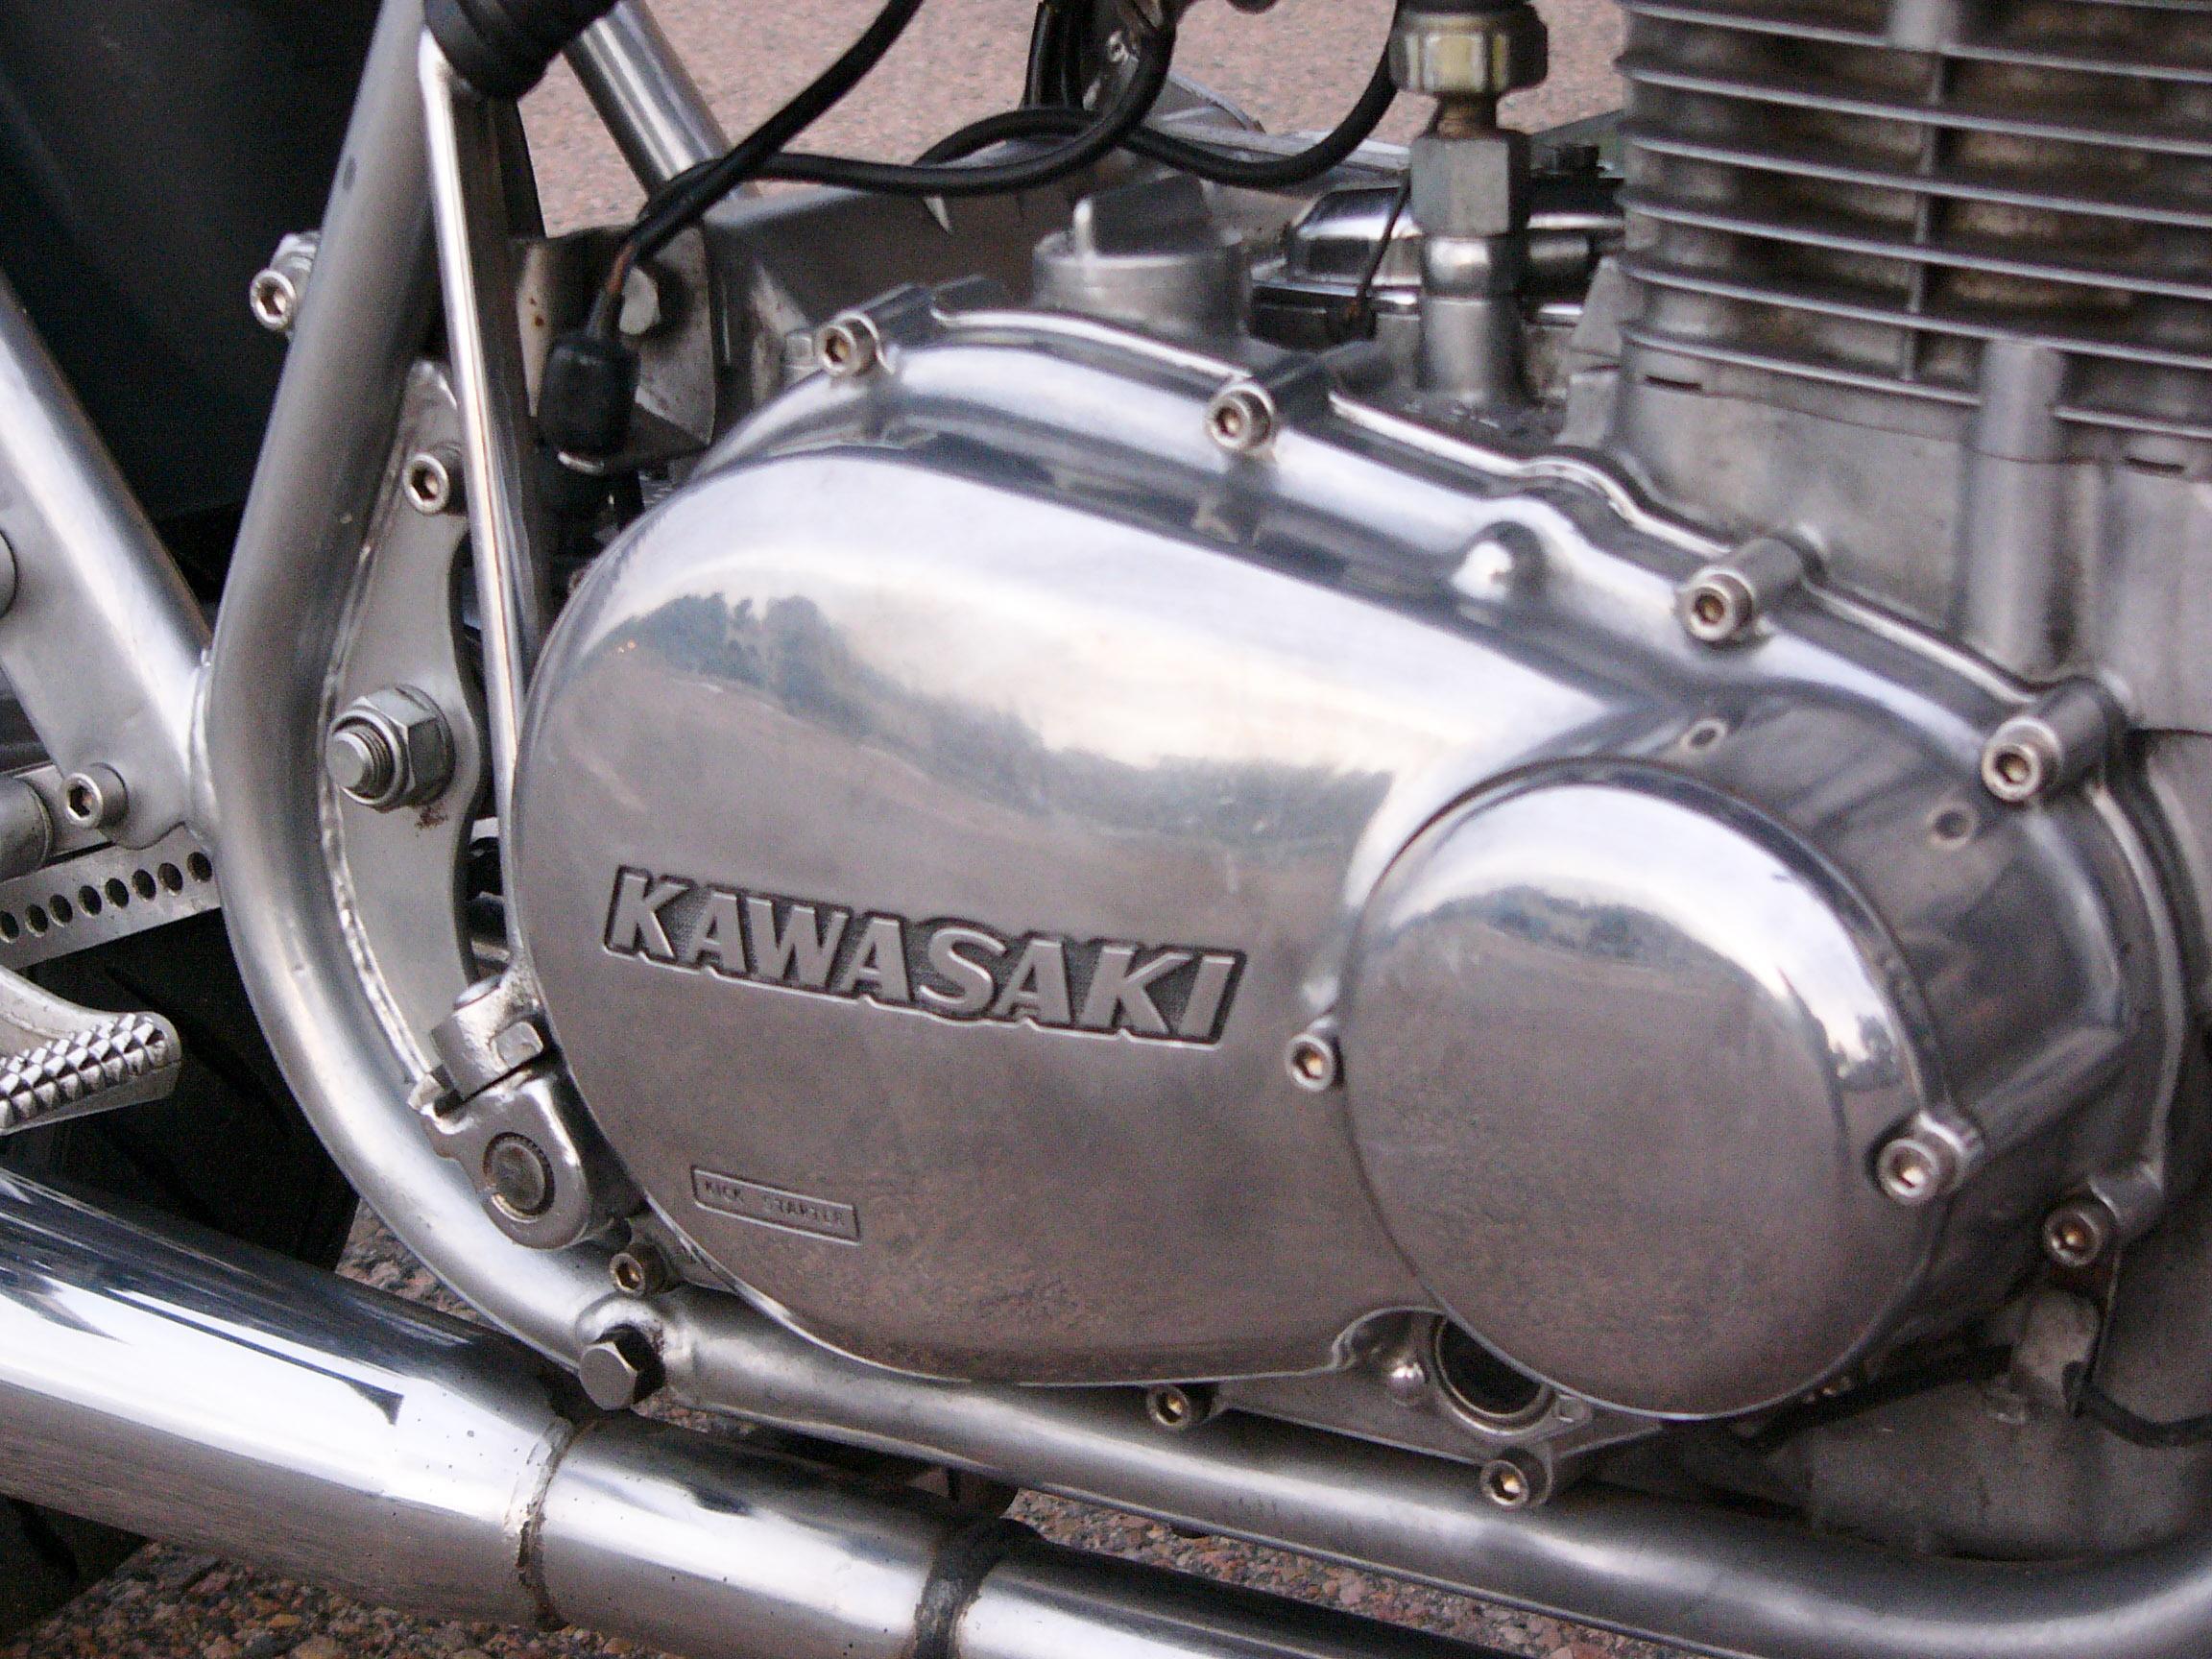 KZ400 - ebay pics 7-8-10 (31 of 47)